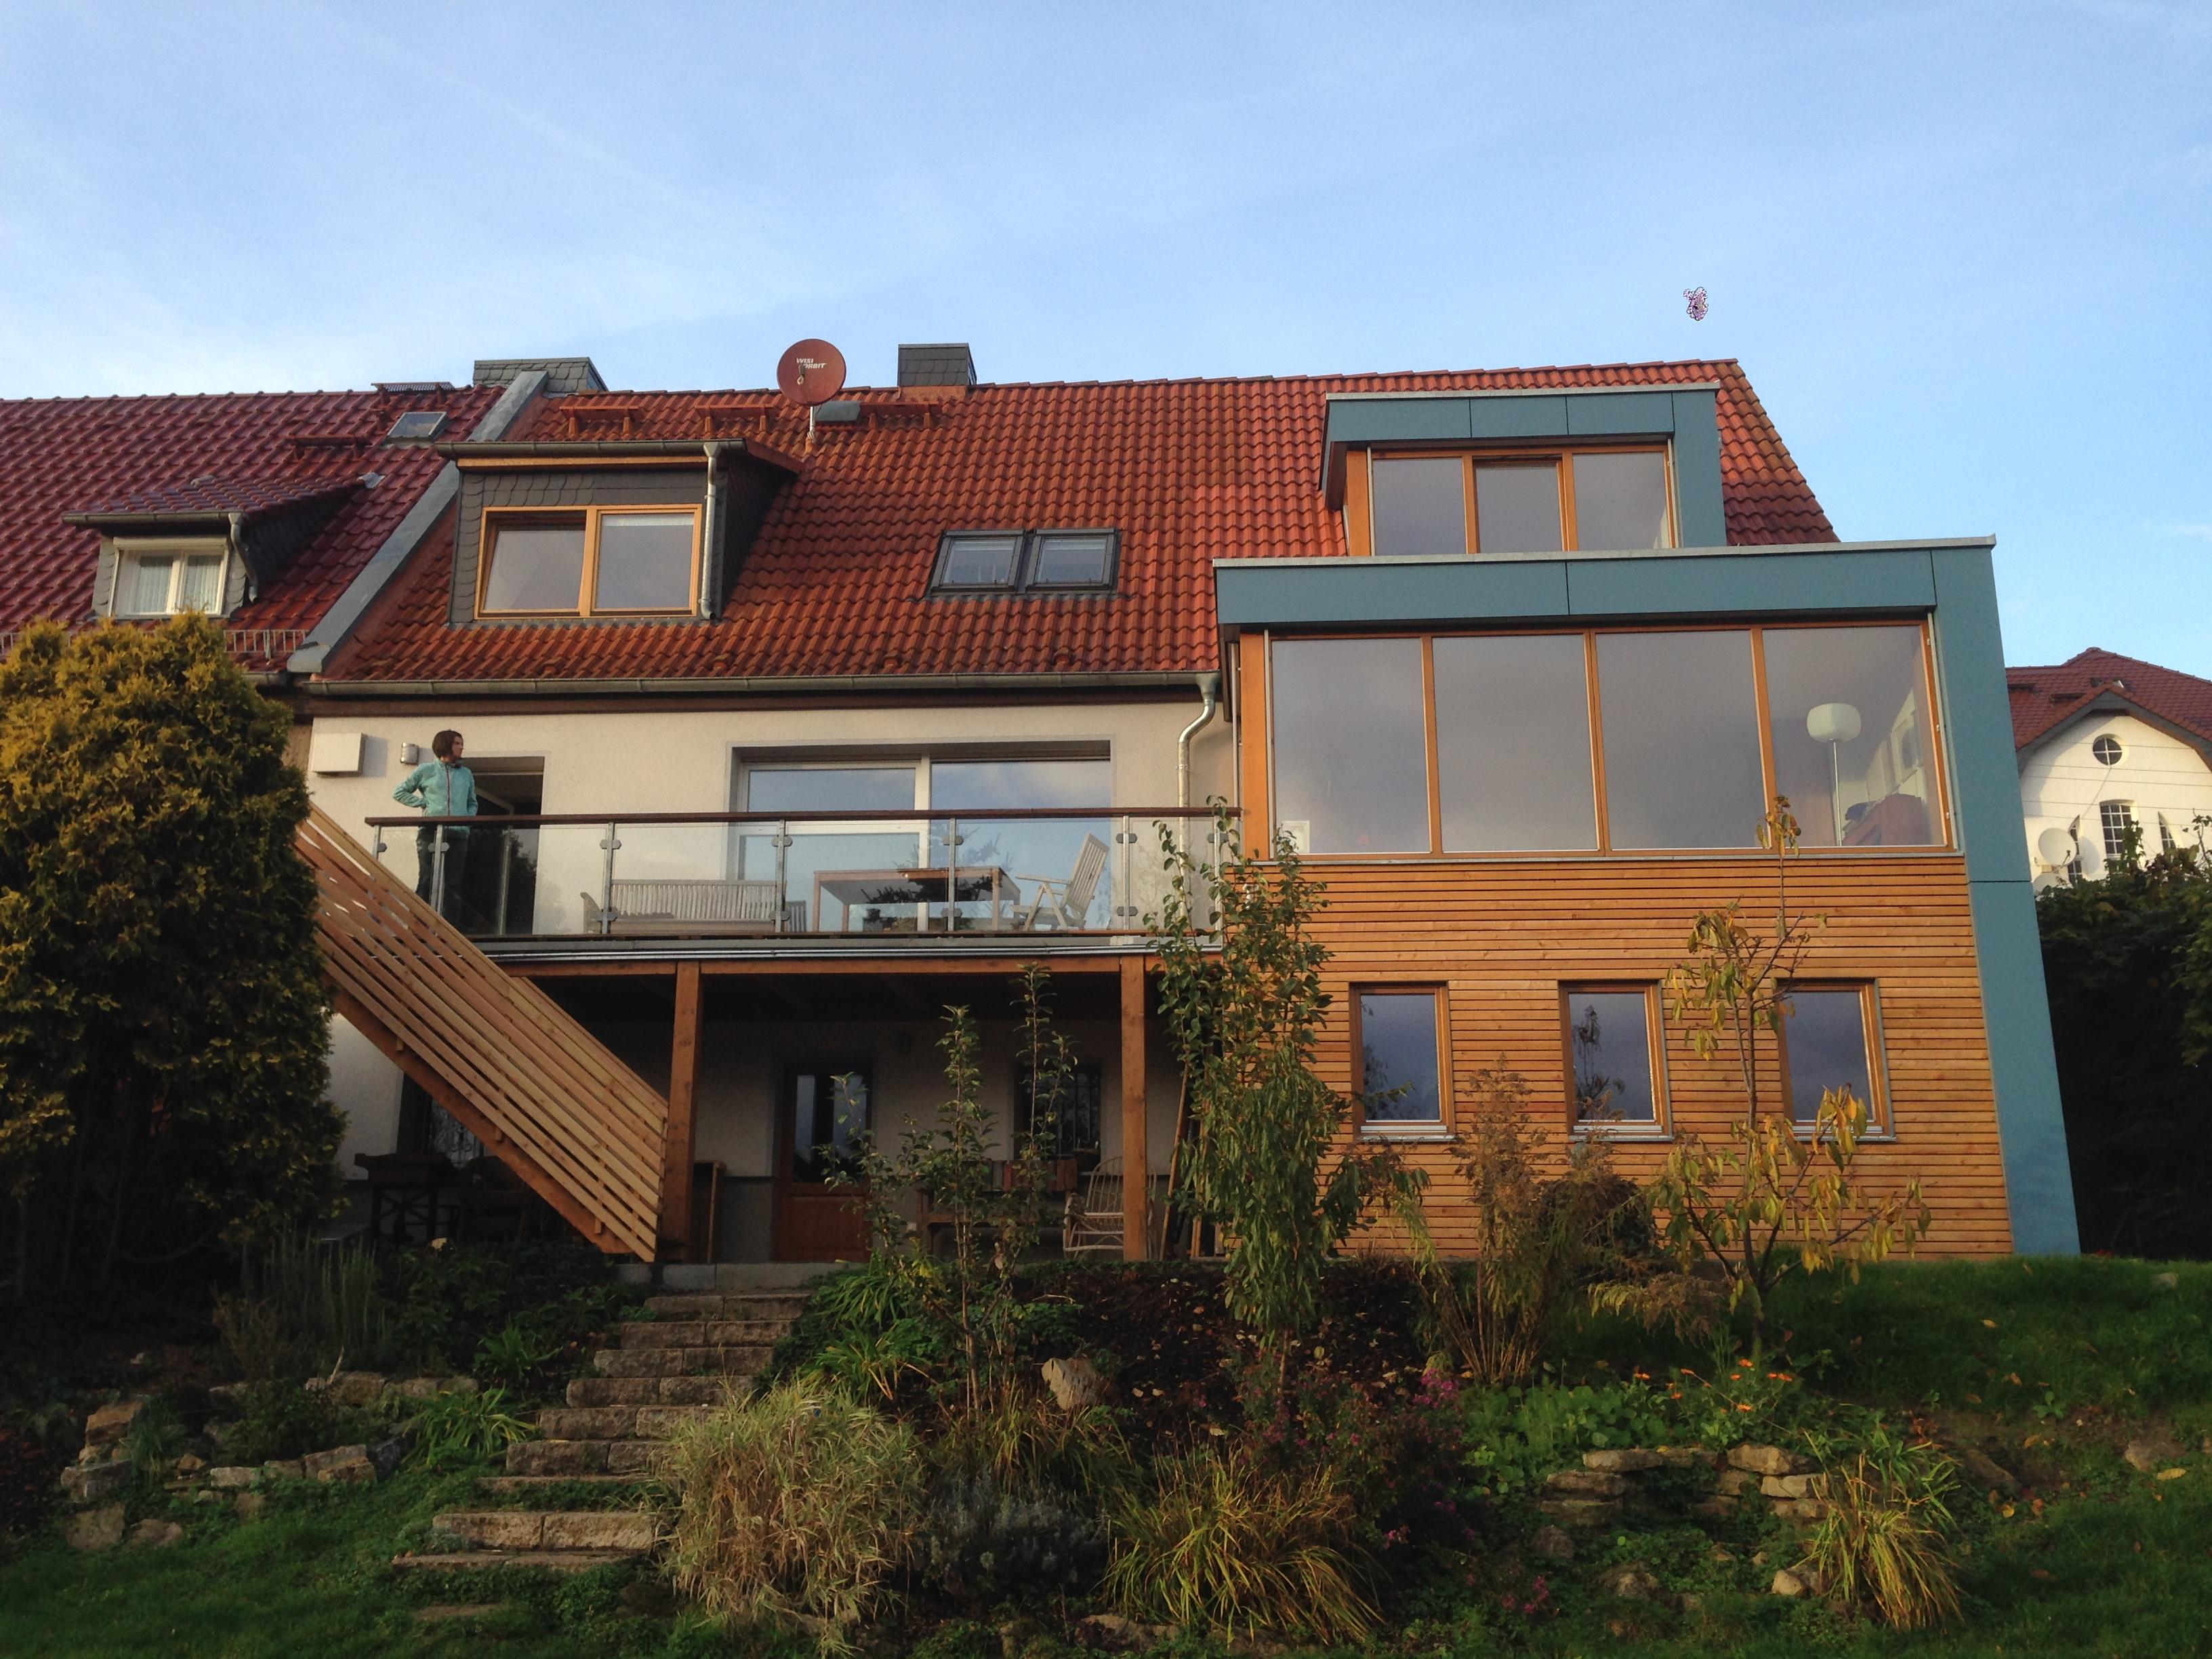 Anbau Mit Neuer Gaube Und Versetzter Treppe, Bild: Tanja Ernst Adams